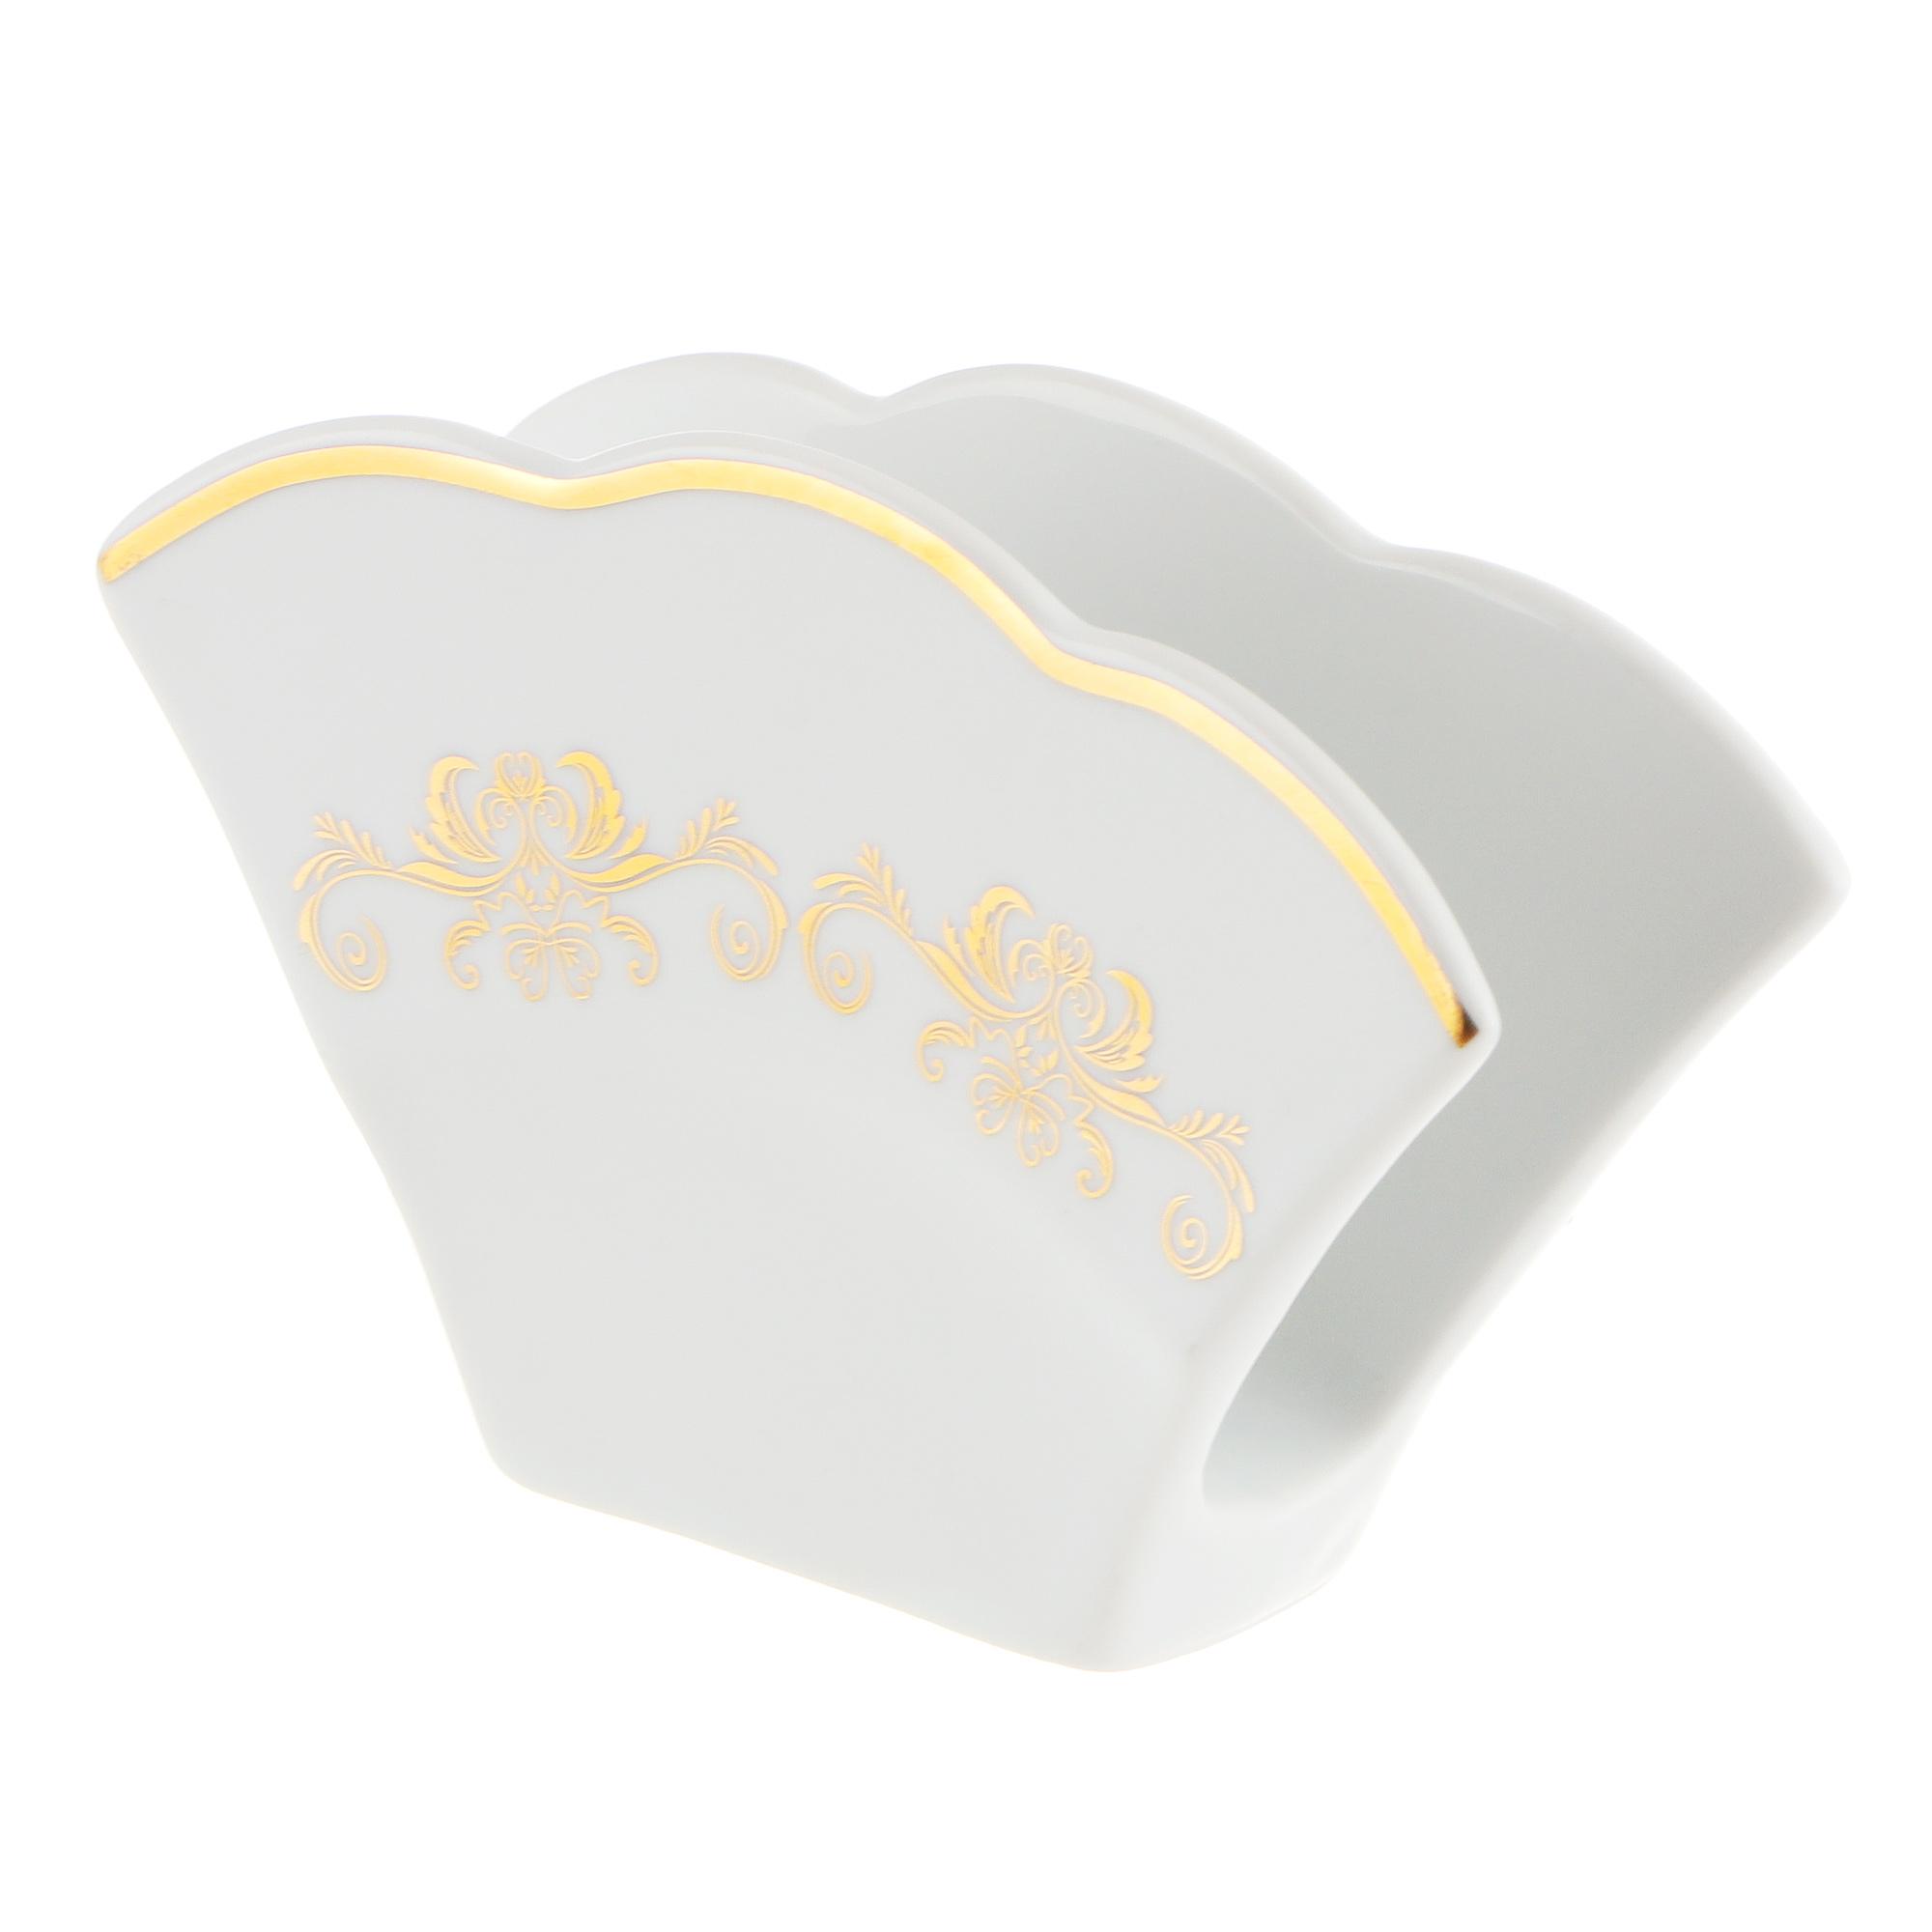 Салфетница Kutahya Porselen фарфор салфетница geralis s fwg белый